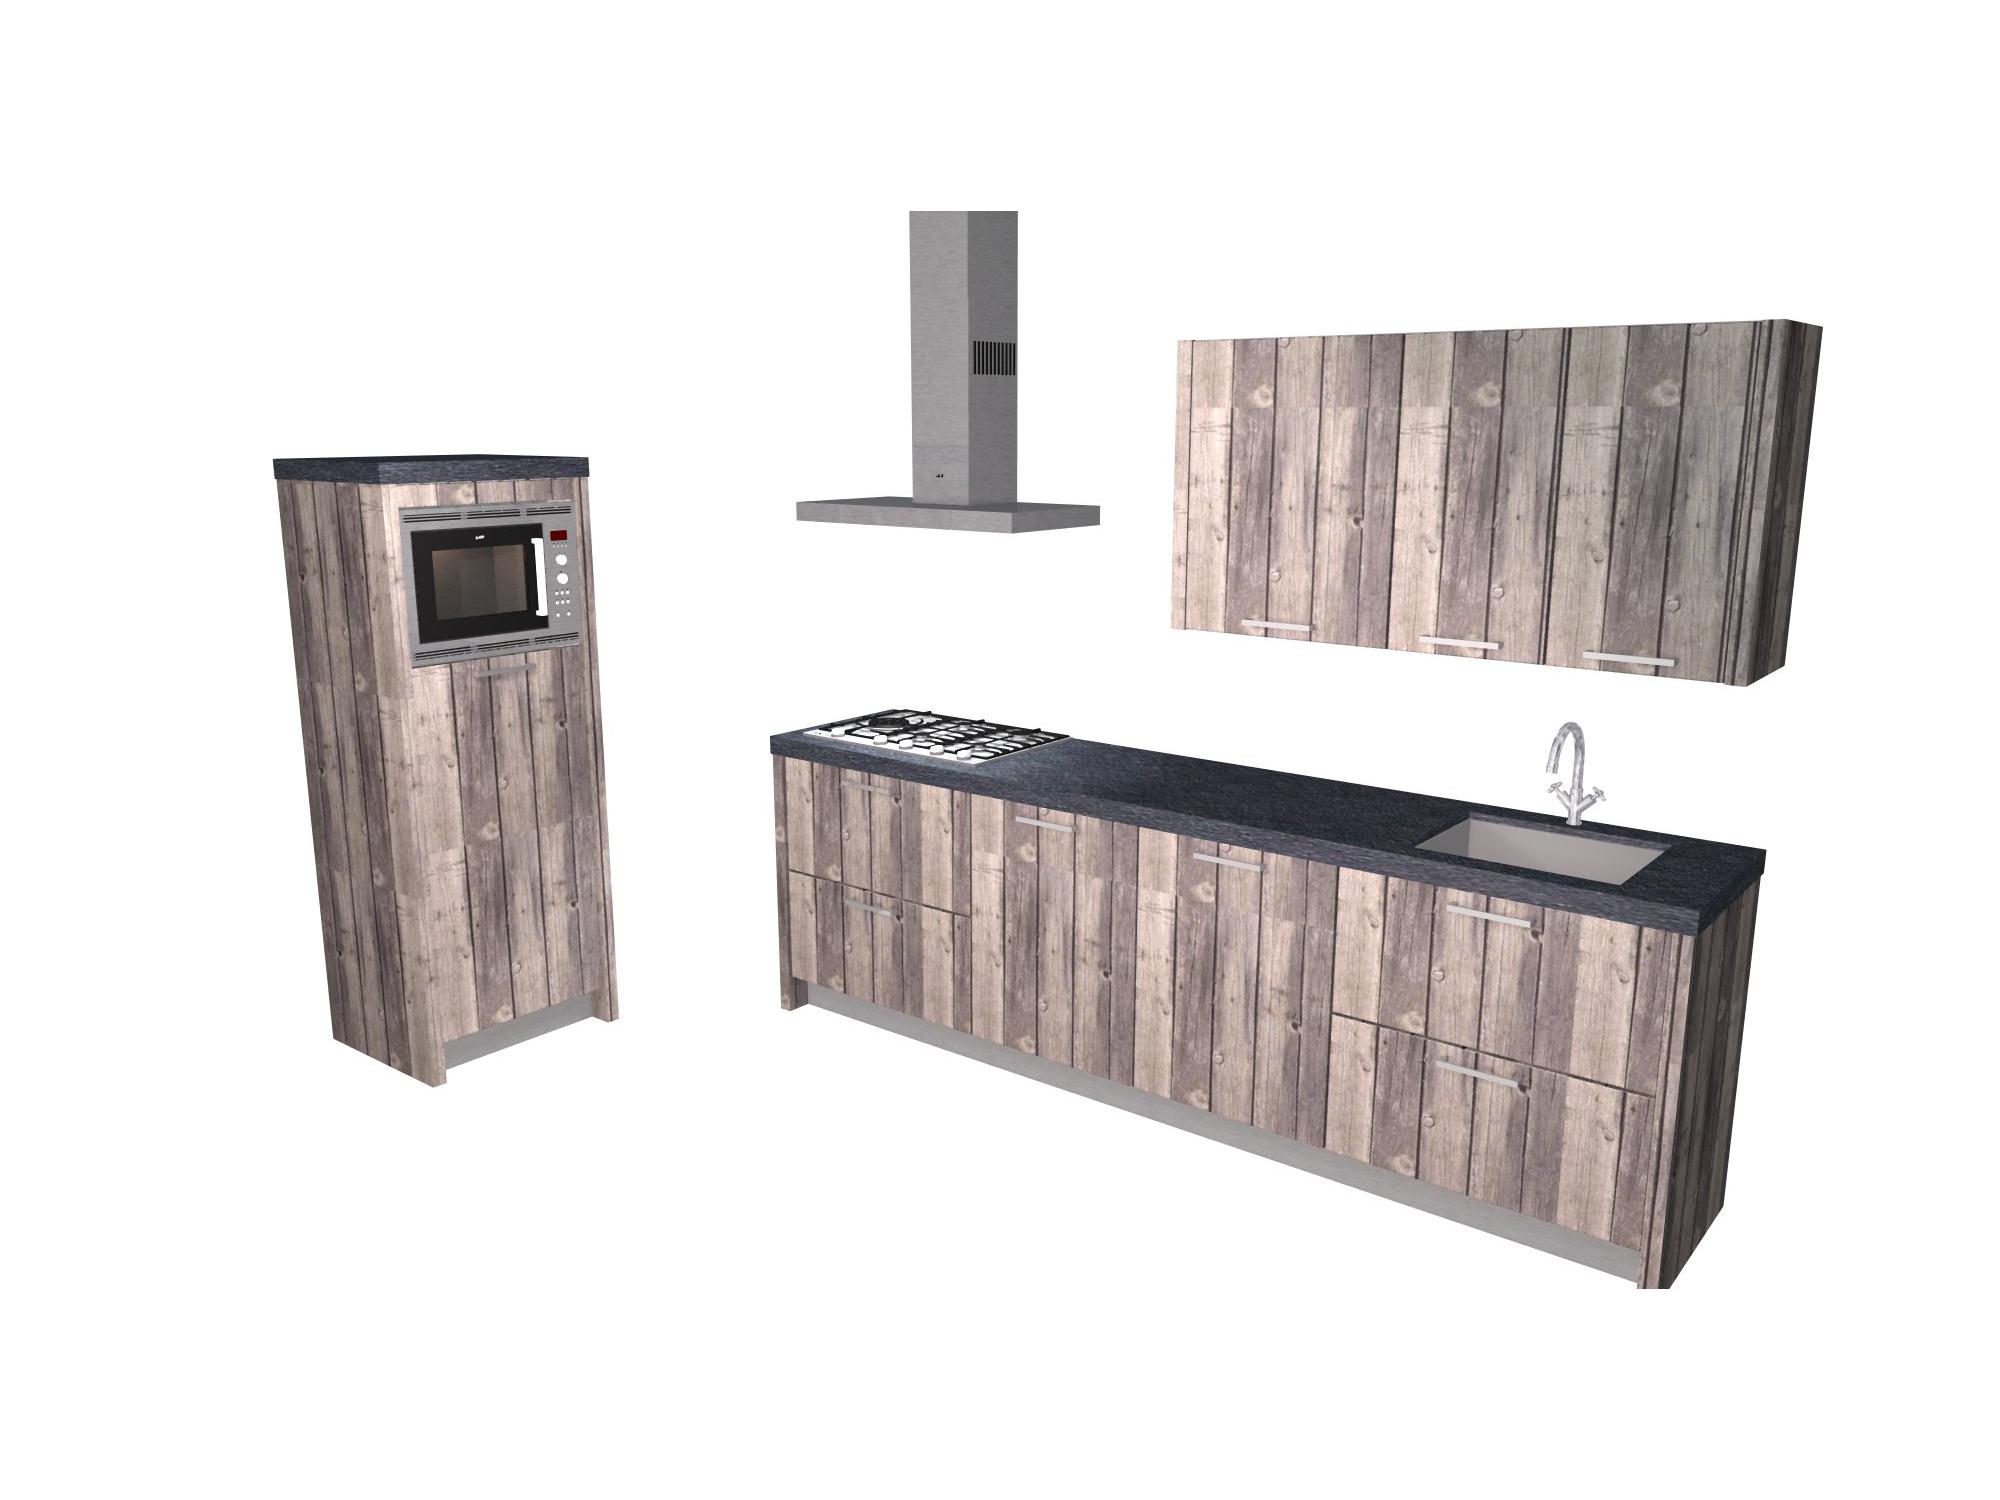 rechte keuken steigerhout betonstuc